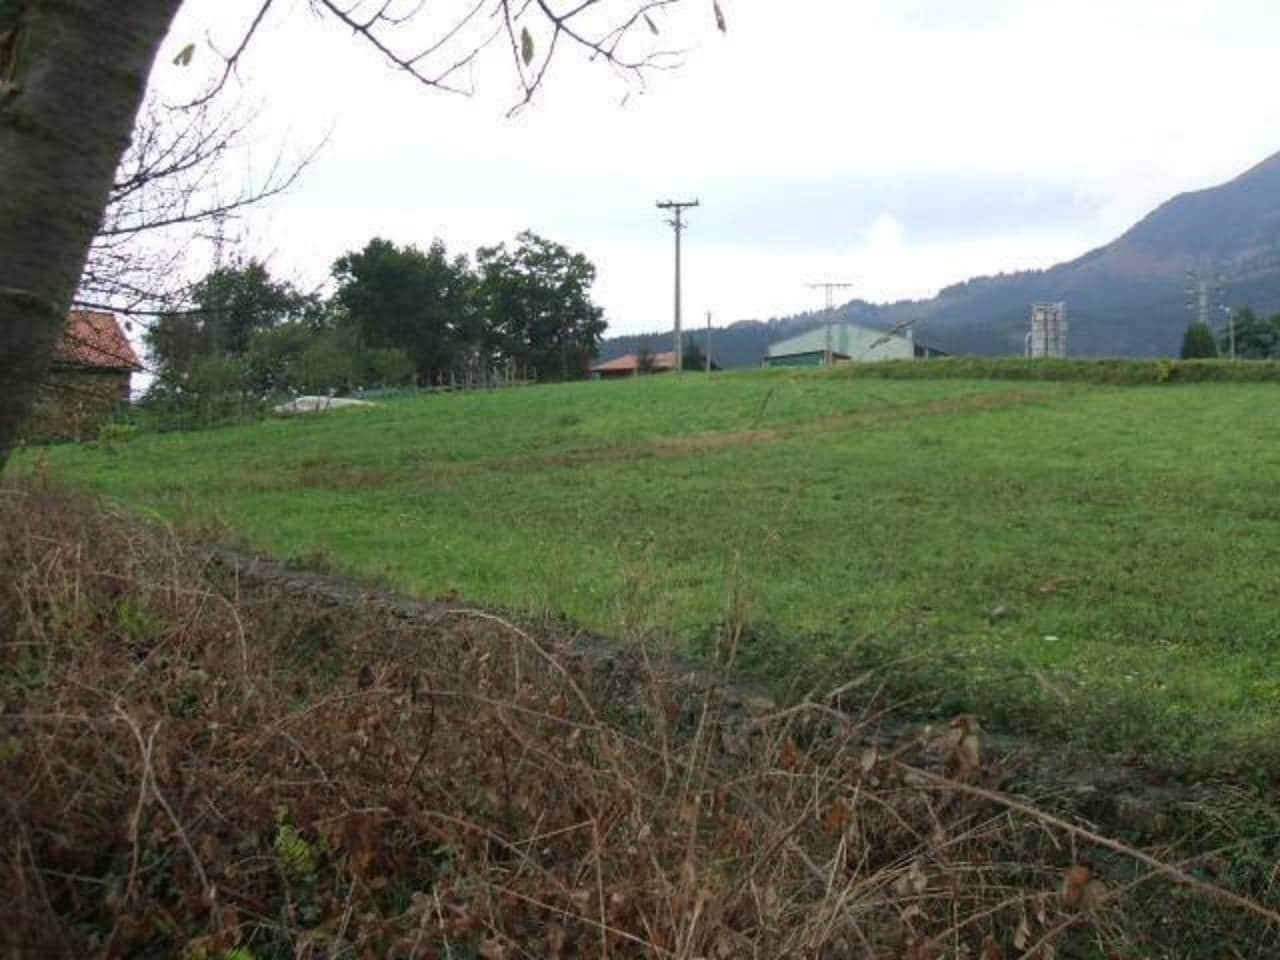 Terreno/Finca Rústica en Carranza en venta - 126.000 € (Ref: 3862336)